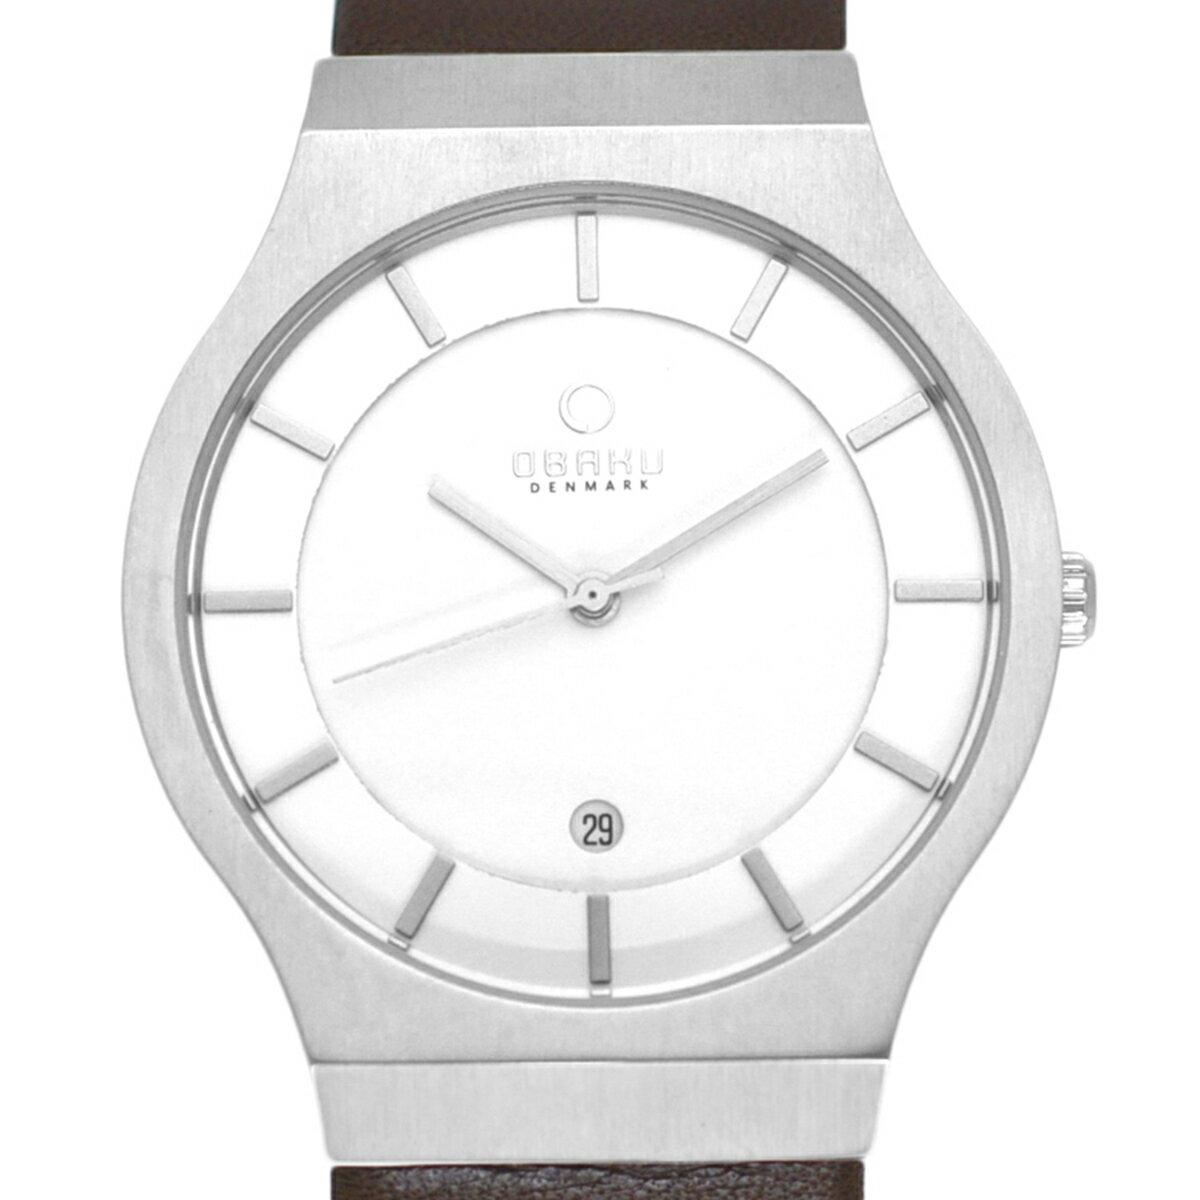 【ポイント10倍】【残り1点】OBAKU オバック クォーツ 腕時計 デンマーク シンプル 薄型 ファッション [V123GCIRN] 並行輸入品 純正ケース メーカー保証